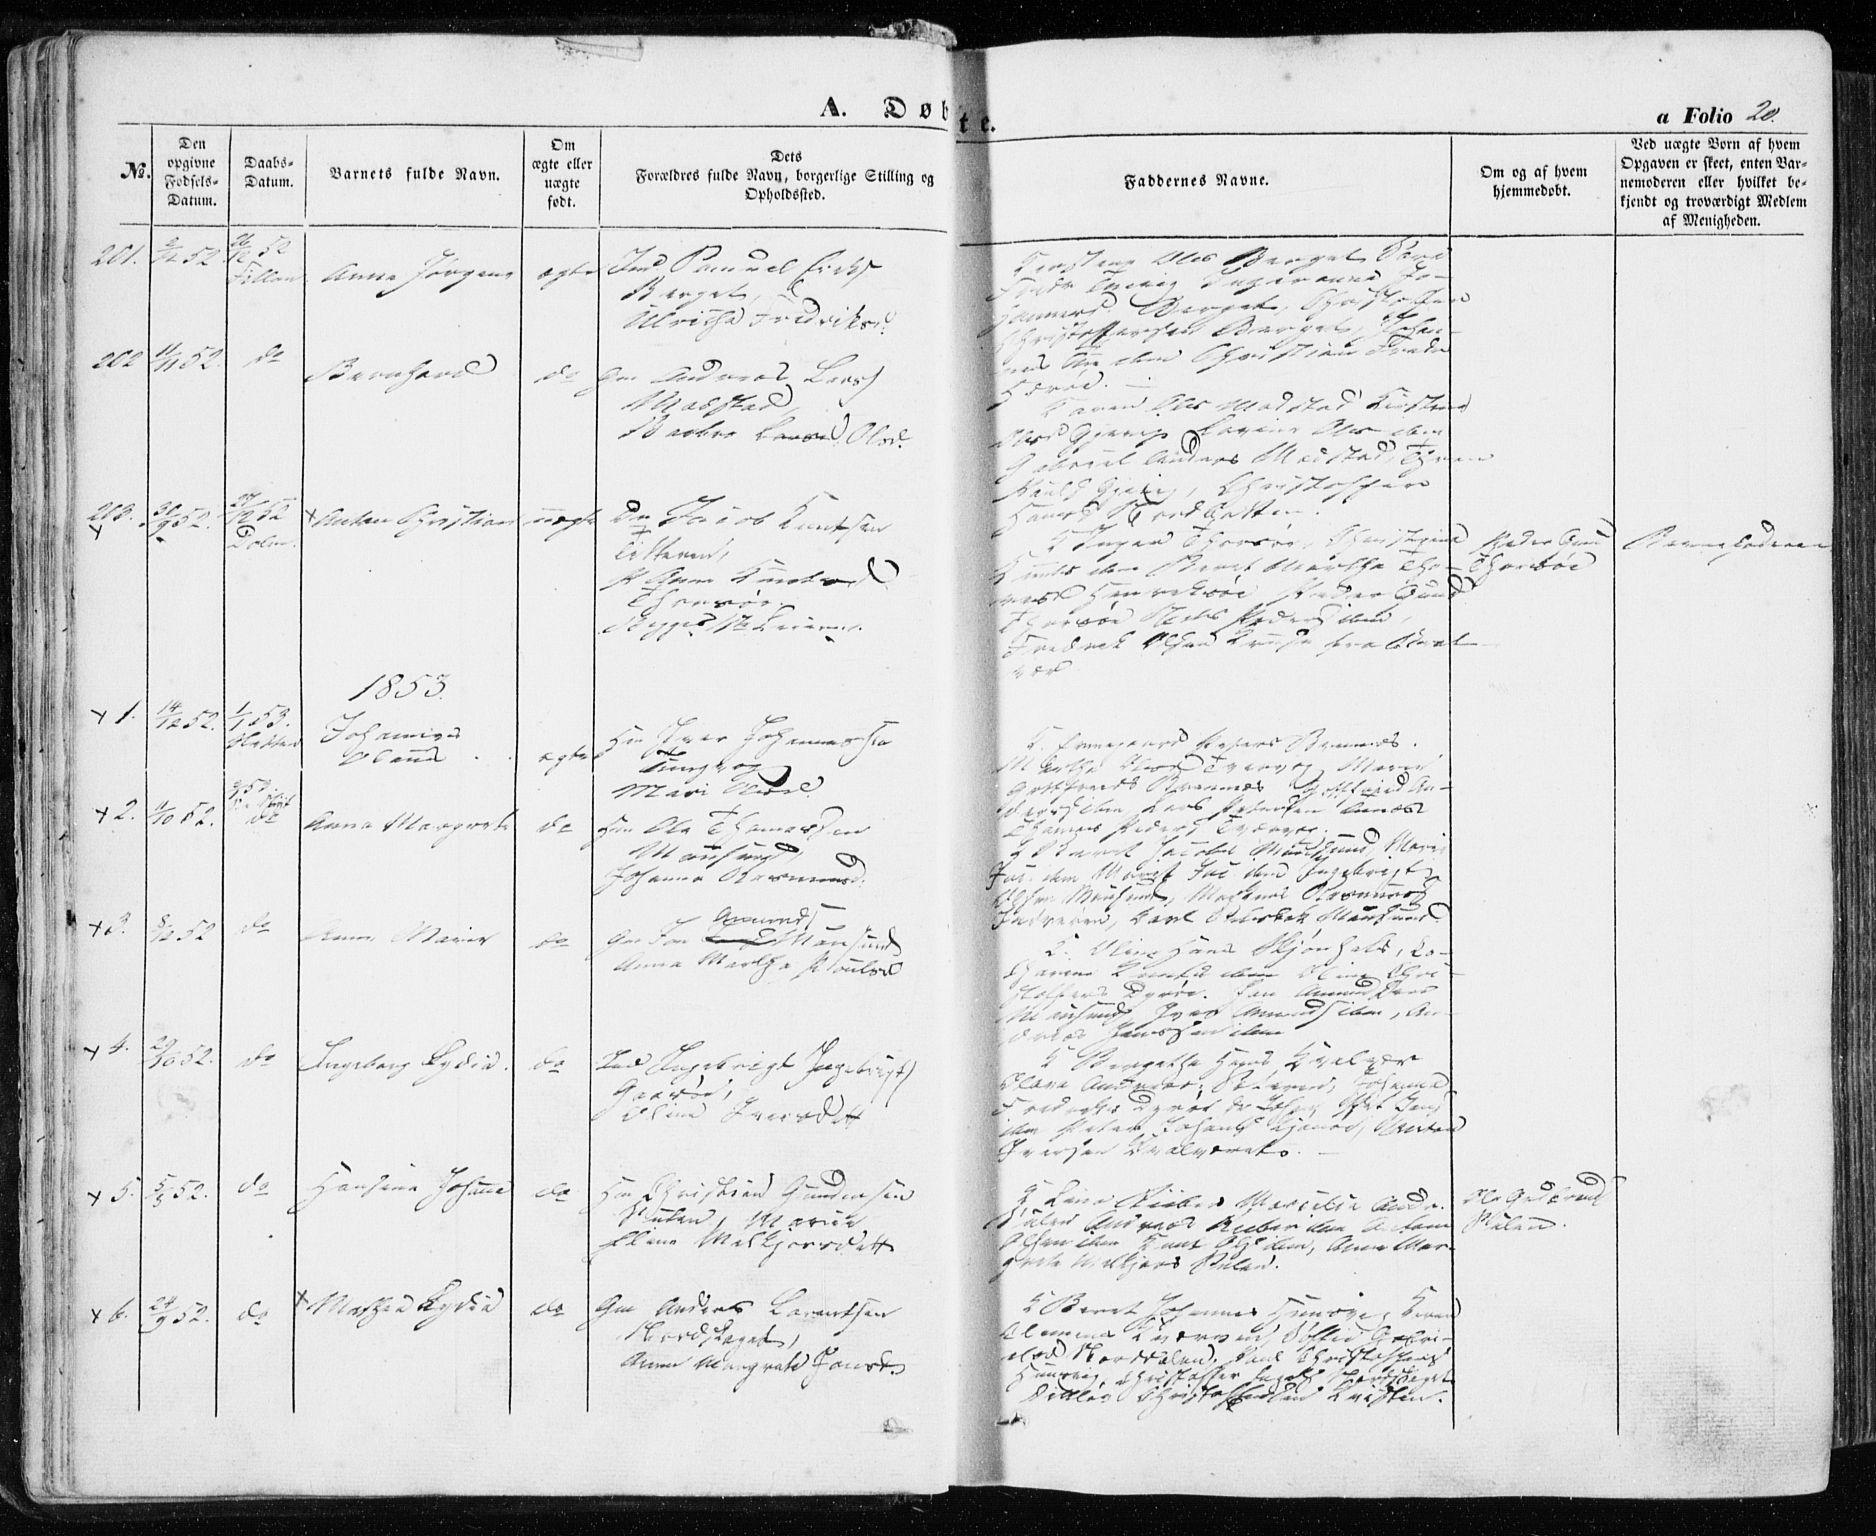 SAT, Ministerialprotokoller, klokkerbøker og fødselsregistre - Sør-Trøndelag, 634/L0530: Ministerialbok nr. 634A06, 1852-1860, s. 20